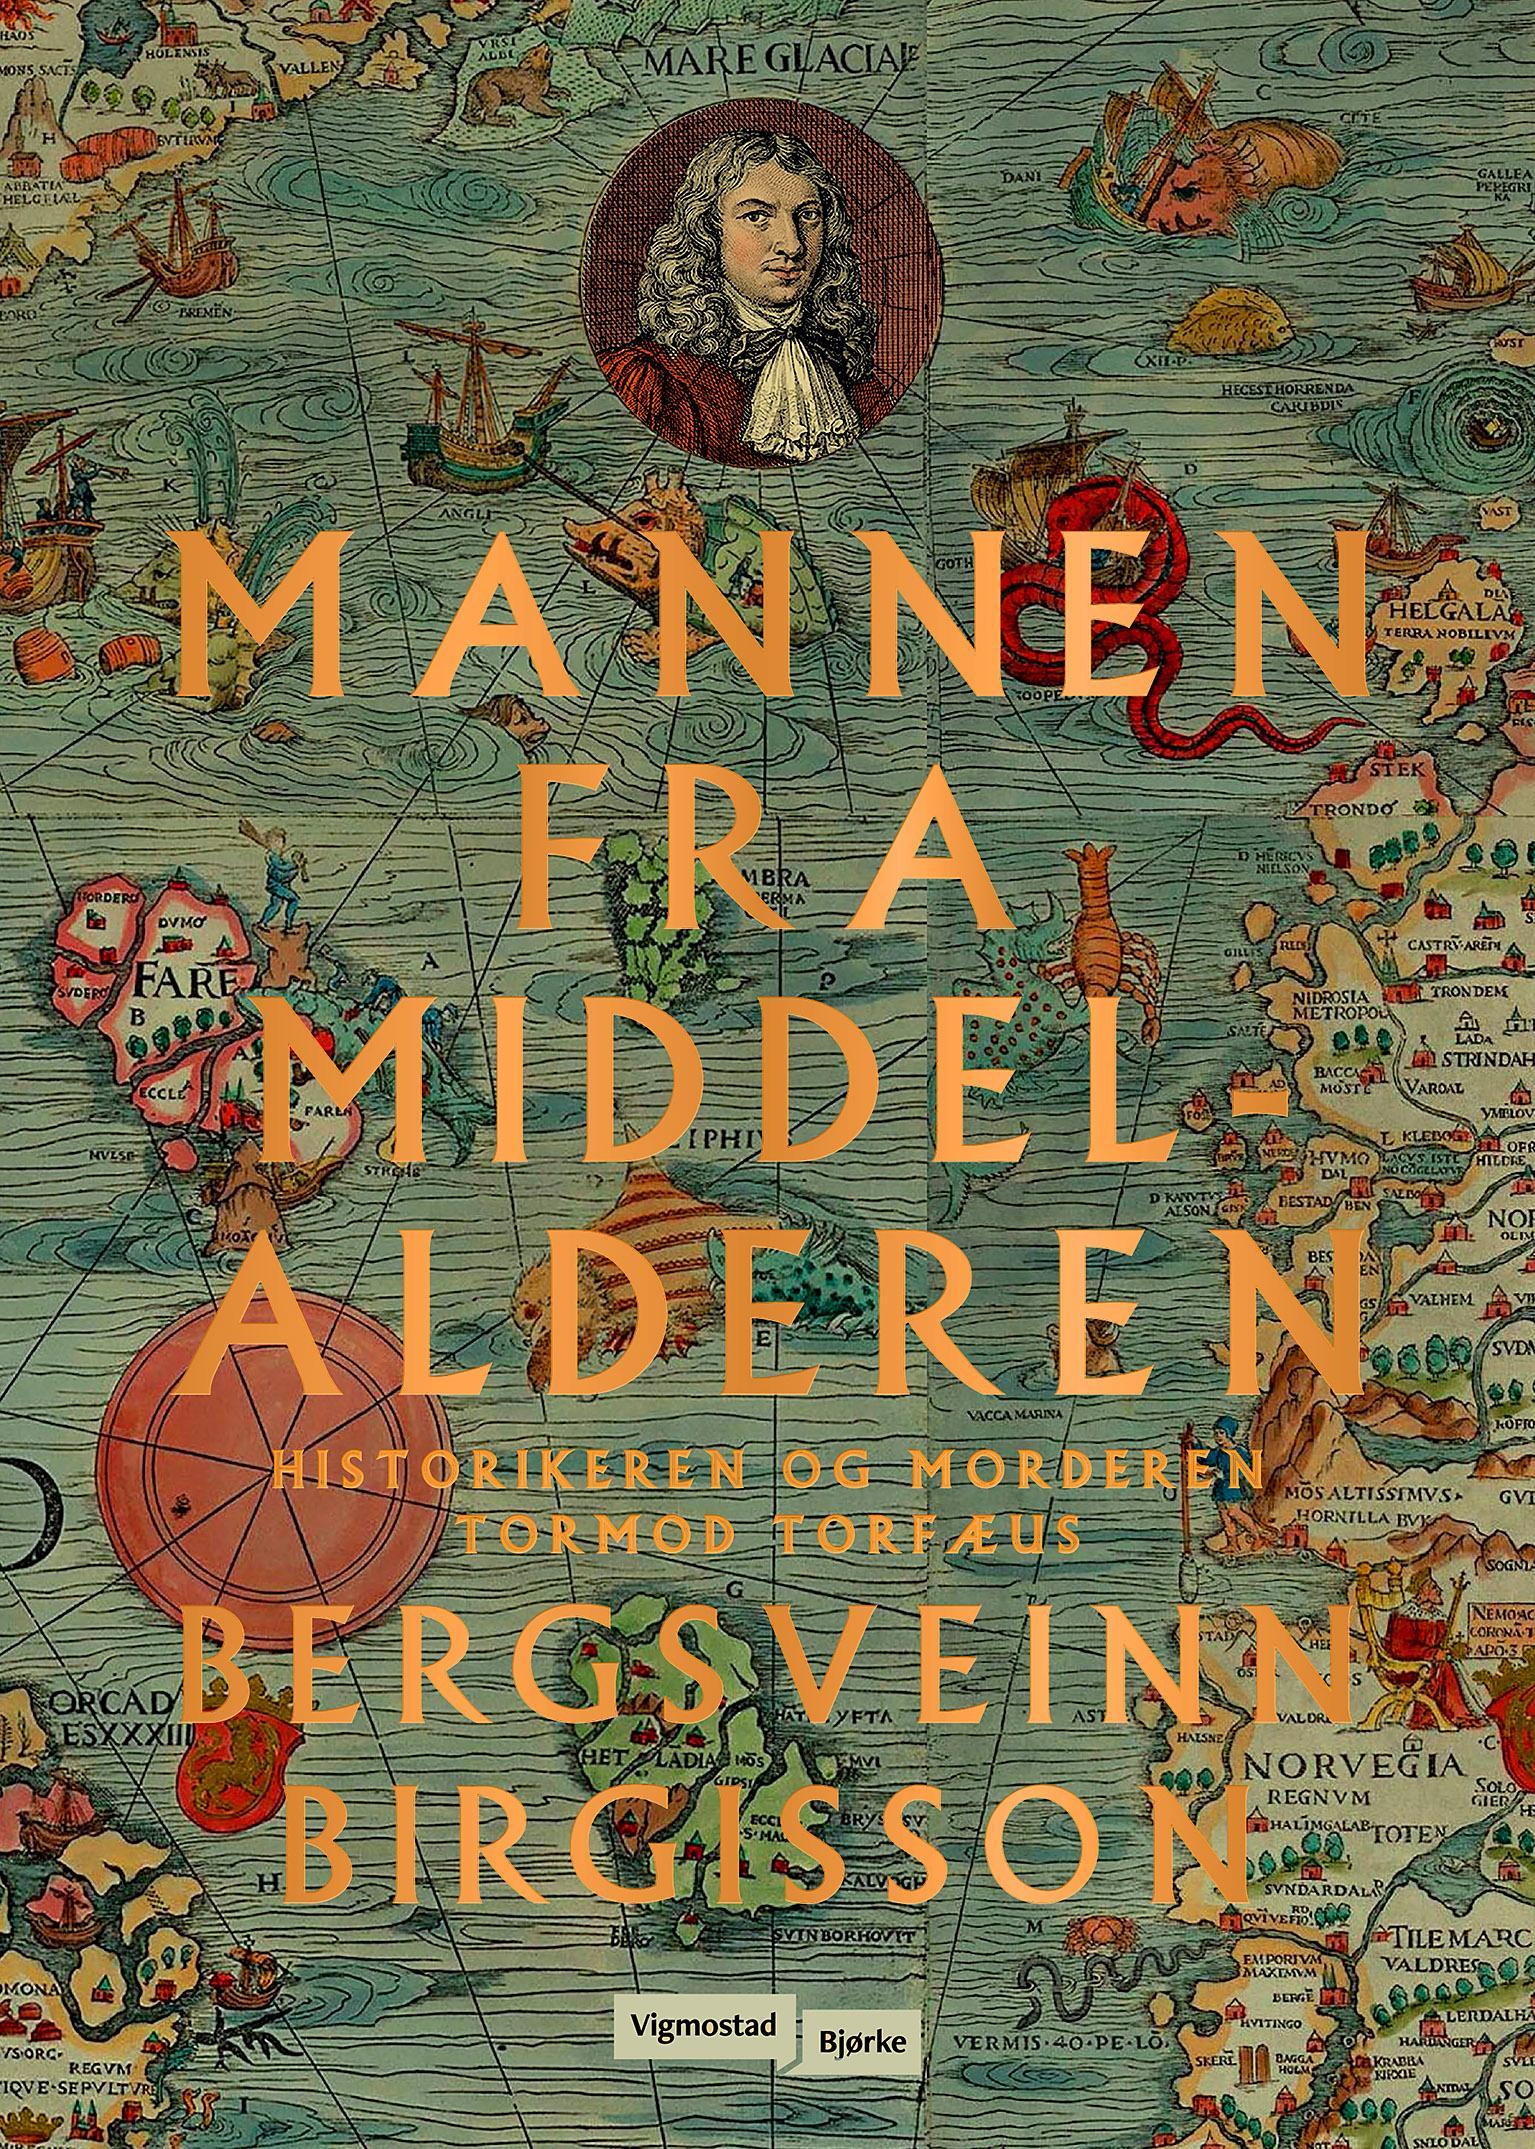 """""""Mannen fra middelalderen - historikeren og morderen Tormod Torfæus"""" av Bergsveinn Birgisson"""